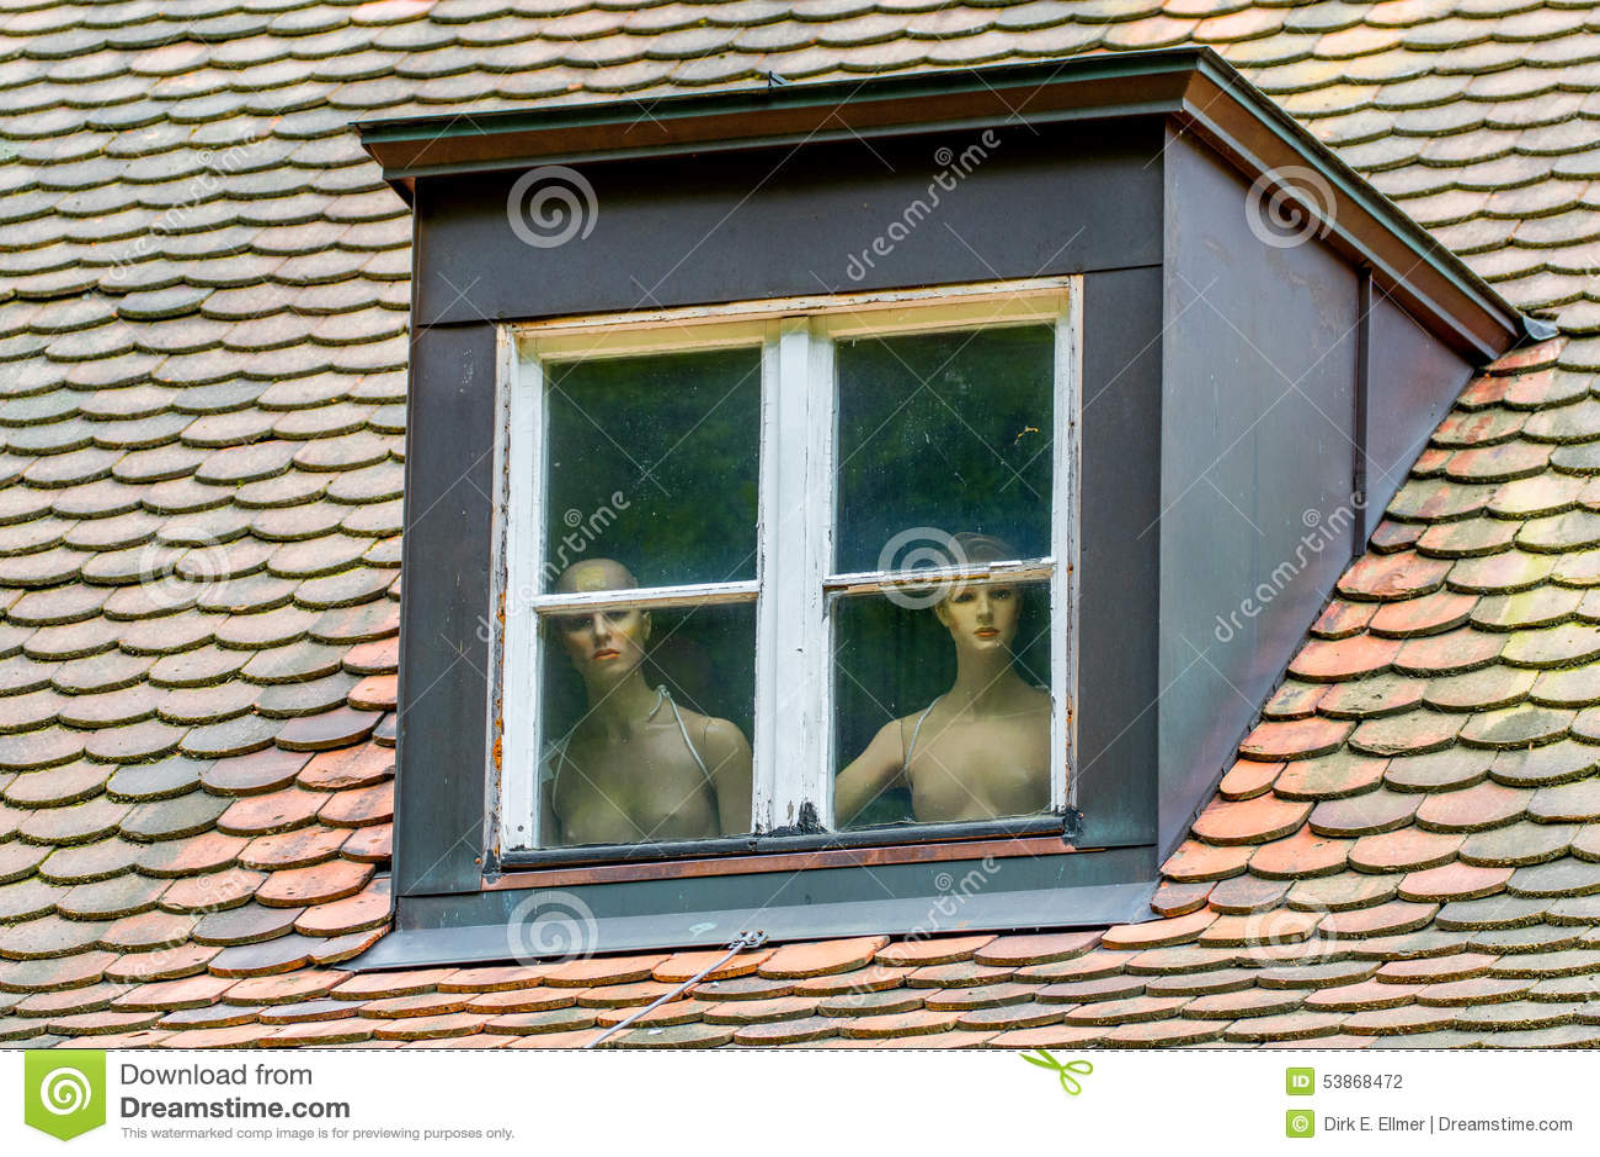 Mulheres despidas atrás de uma janela